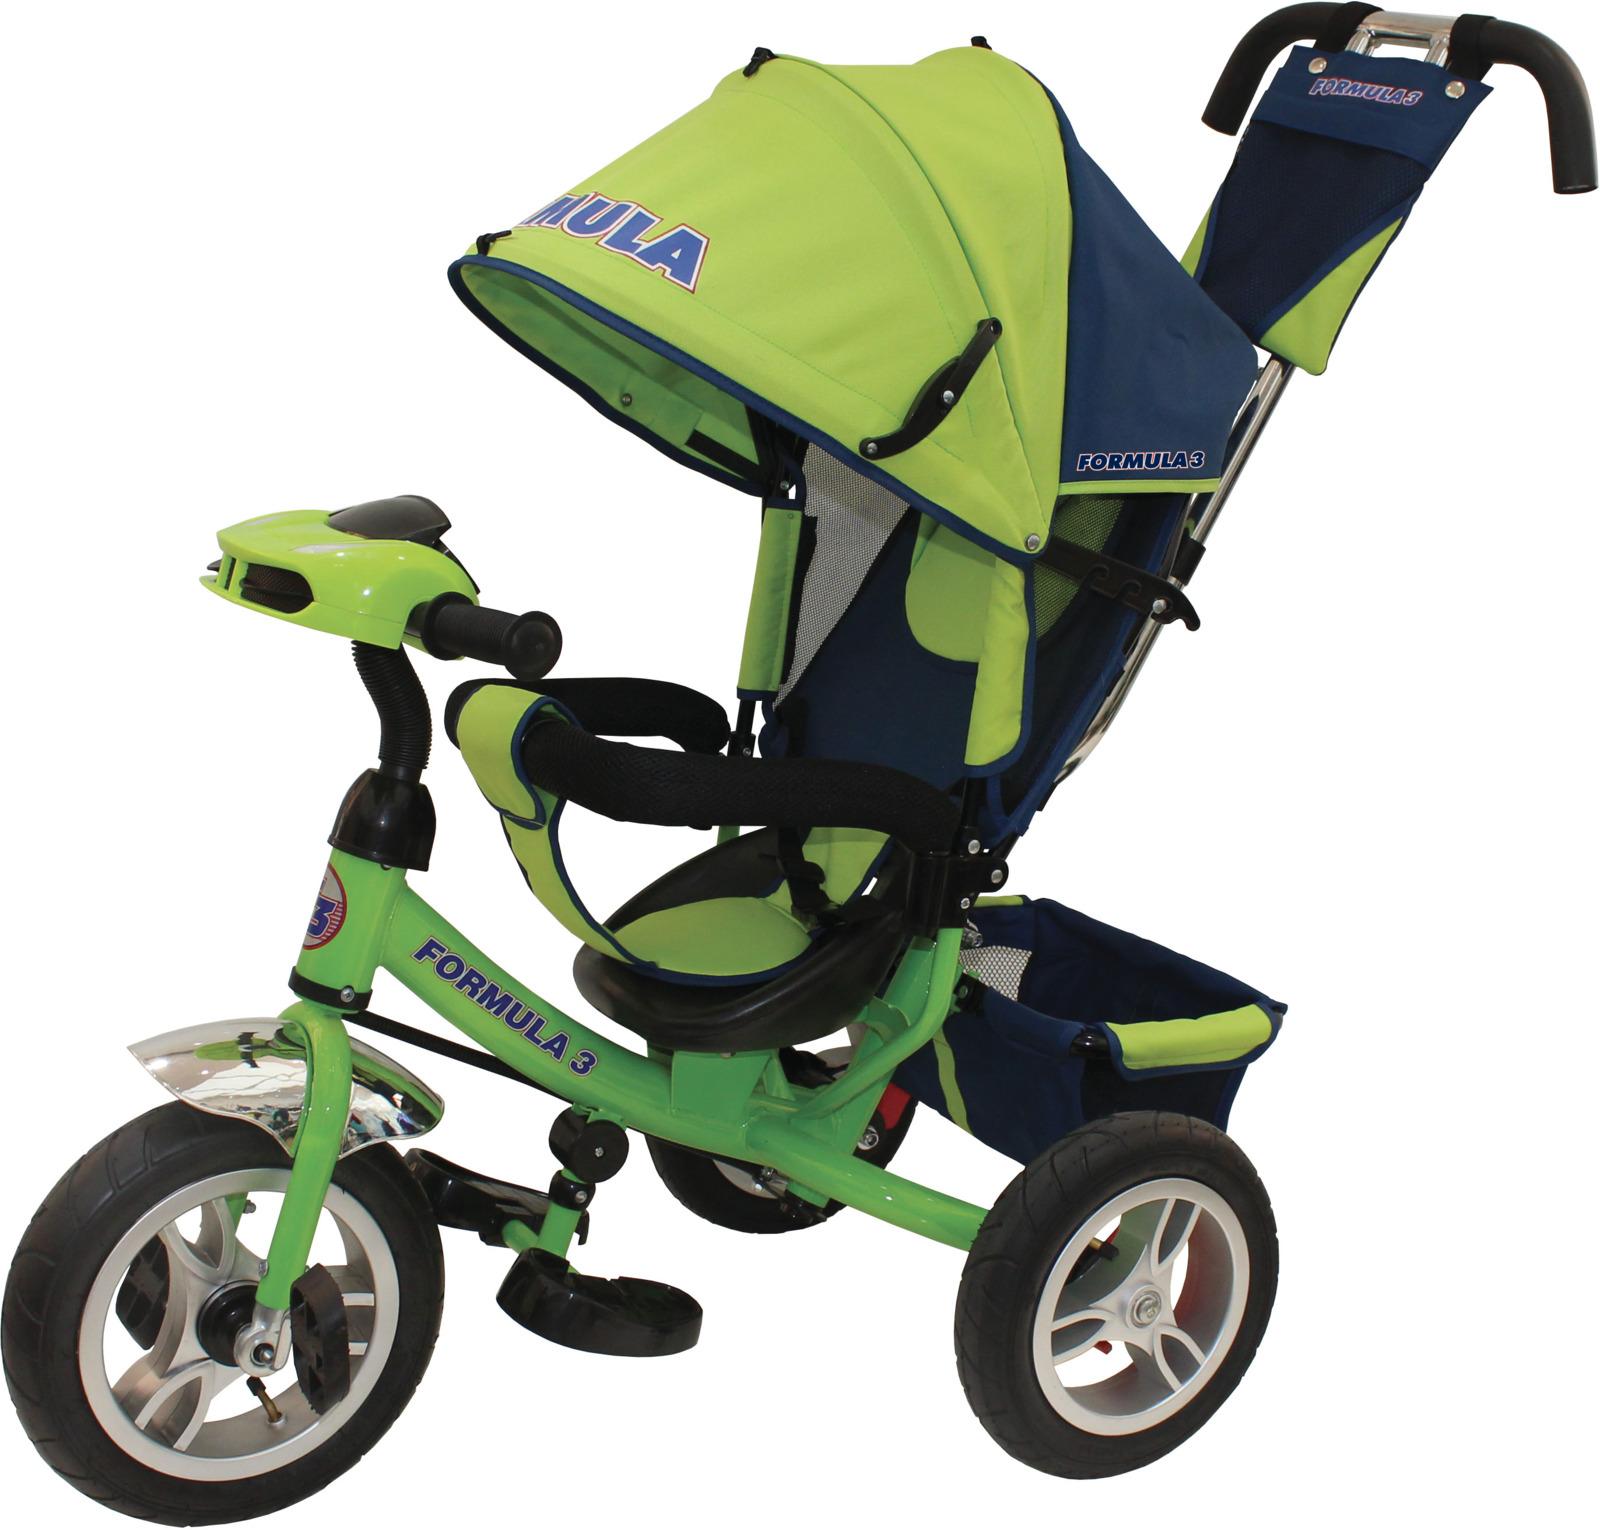 Детский велосипед Formula 3 трехколесный, FA3G, зеленый